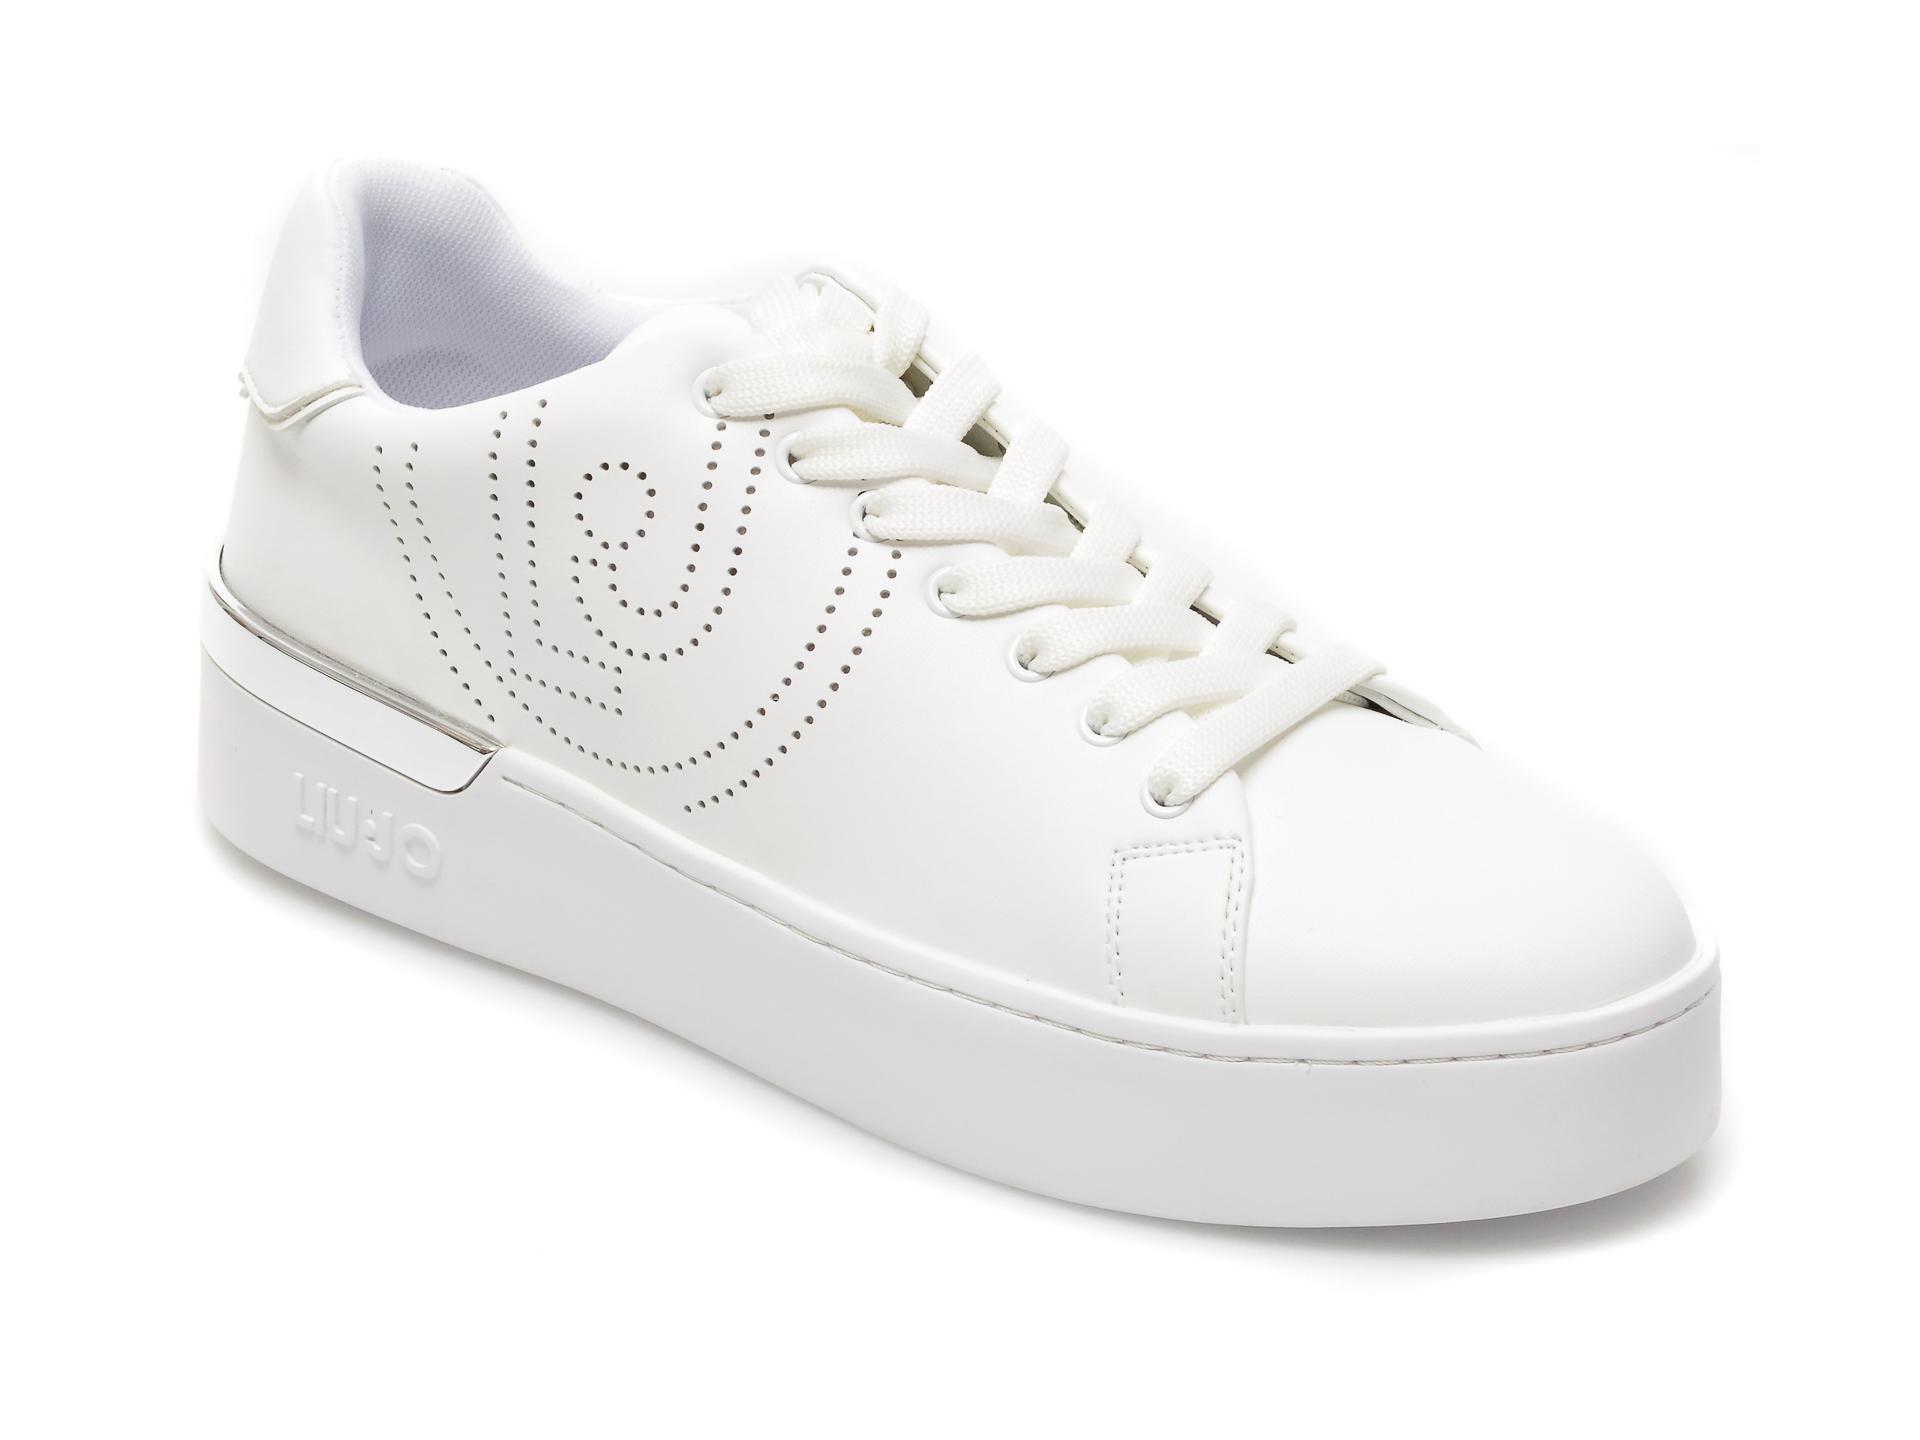 Pantofi sport LIU JO albi, Silvia 3, din piele ecologica